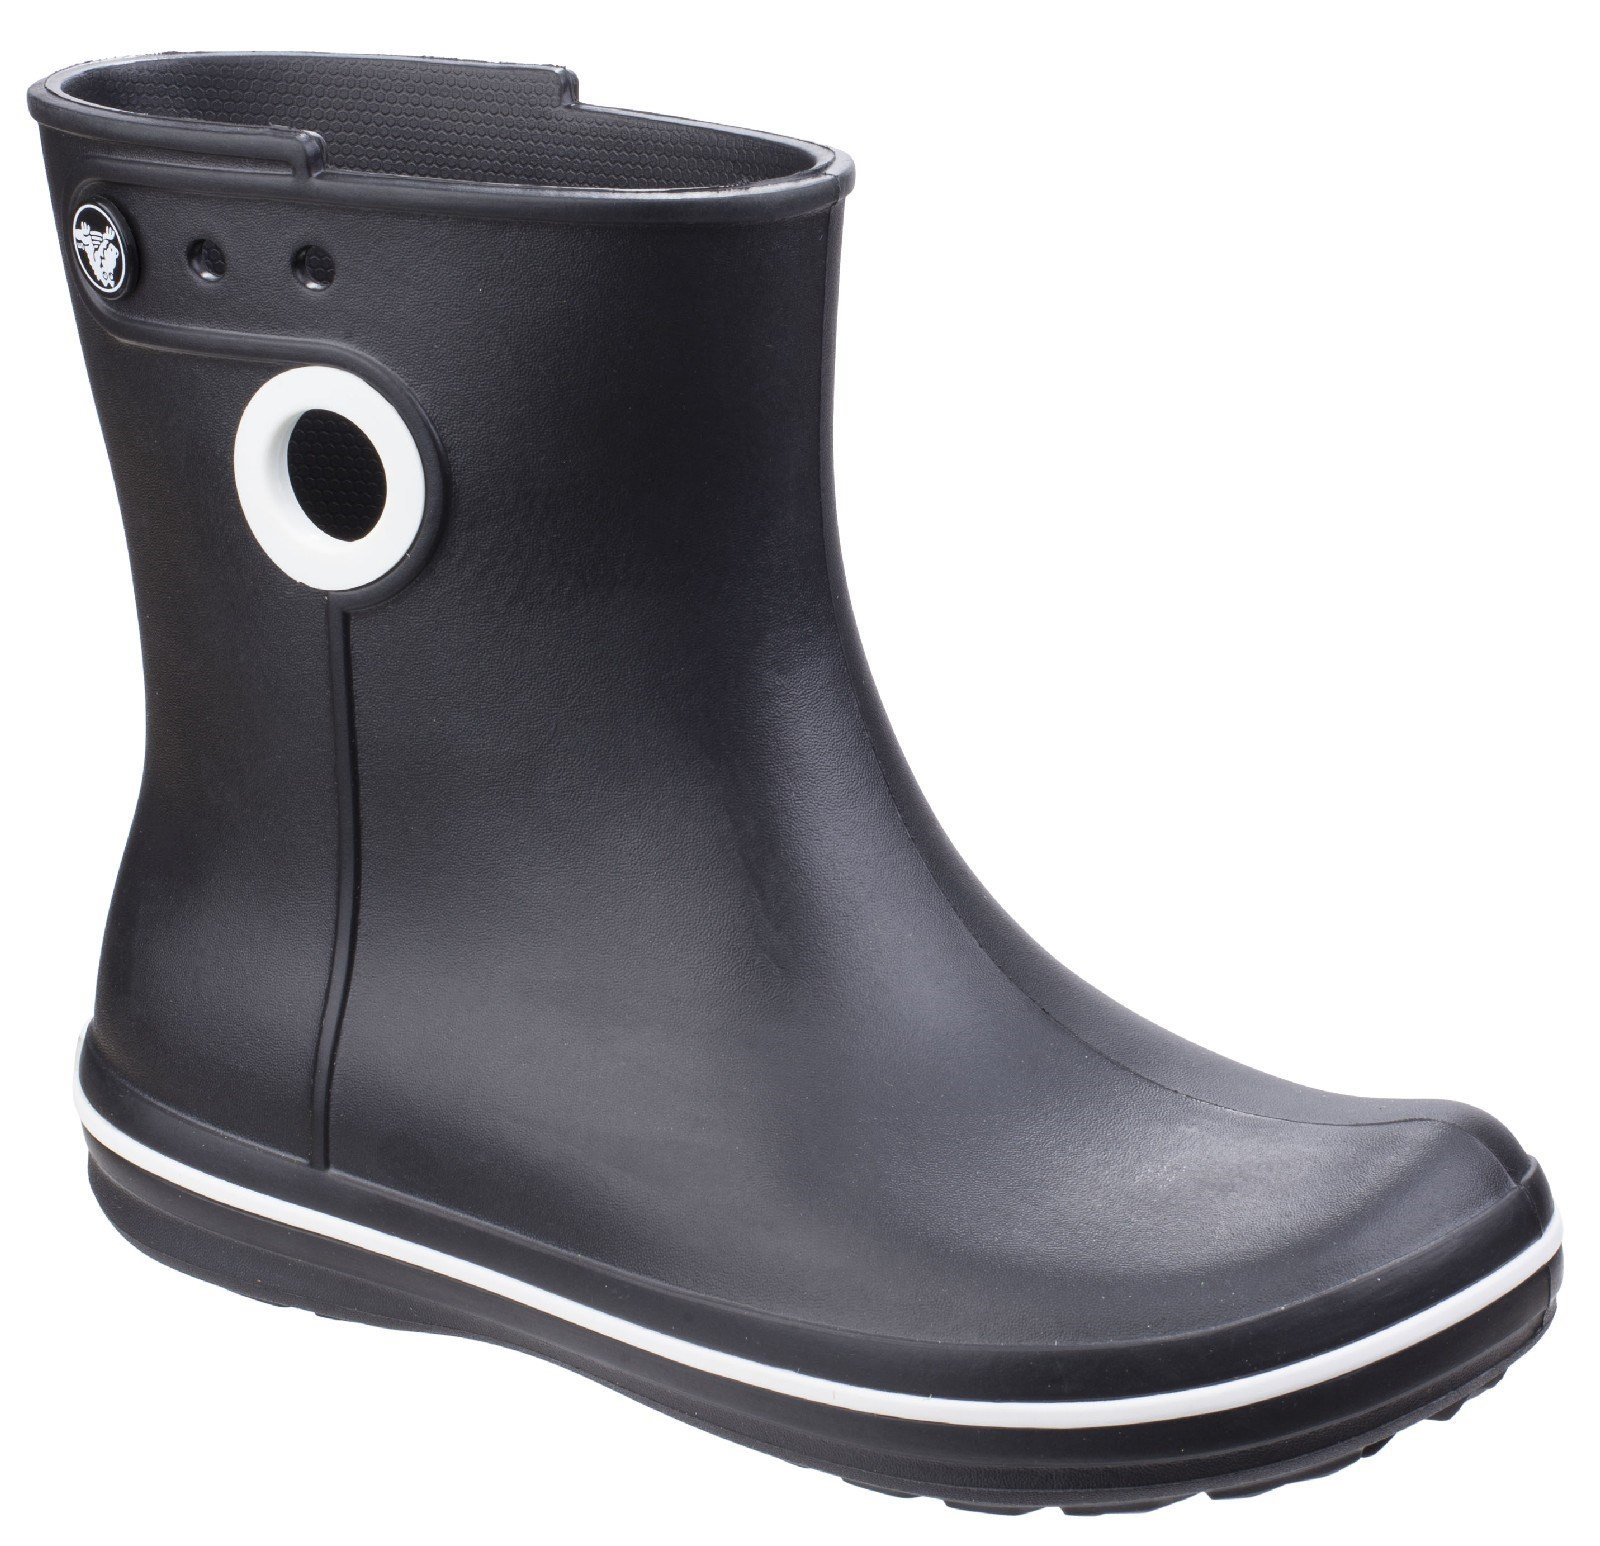 Crocs Women's Crocband Jaunt Shorty Boot Various Colours 21083 - Black 3